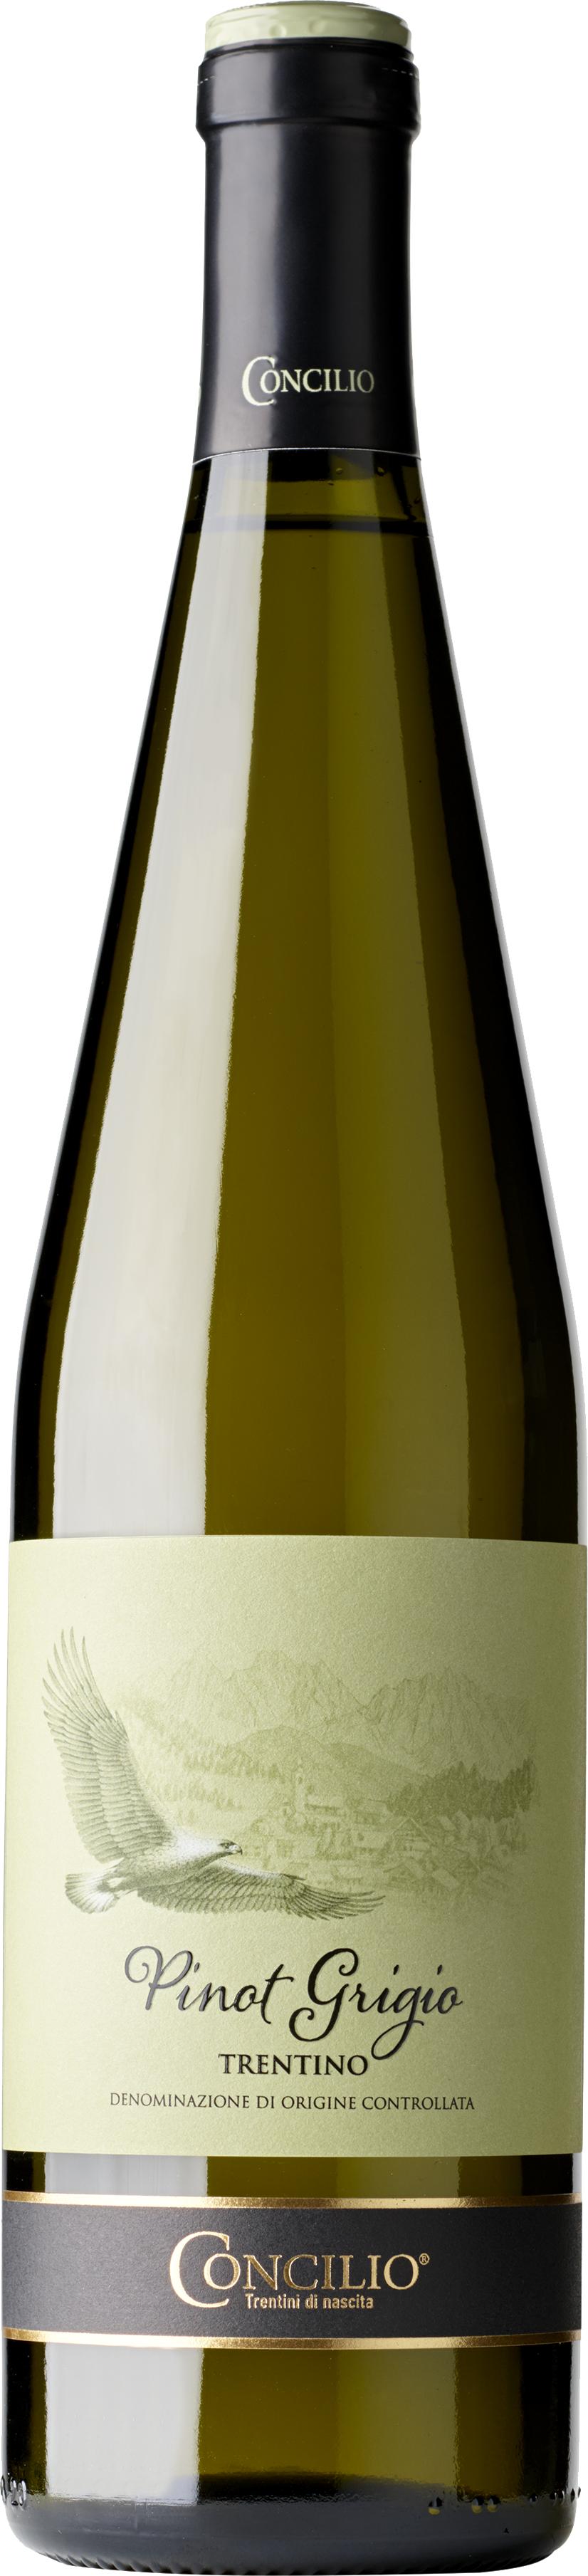 Pinot-Grigio-Trentino